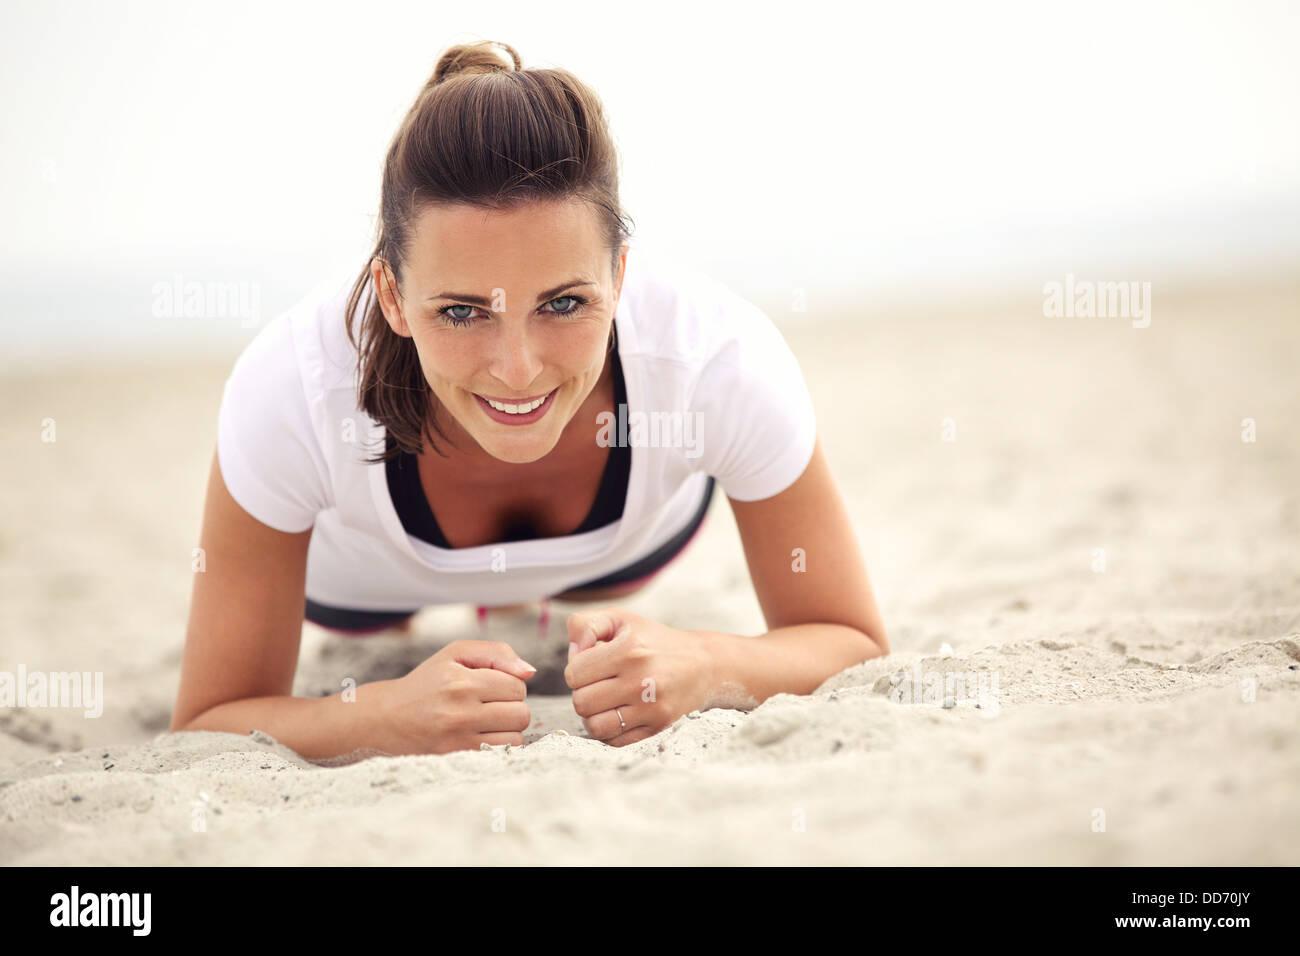 Smiling woman outdoors remise en forme faire de l'exercice sur la plage Photo Stock